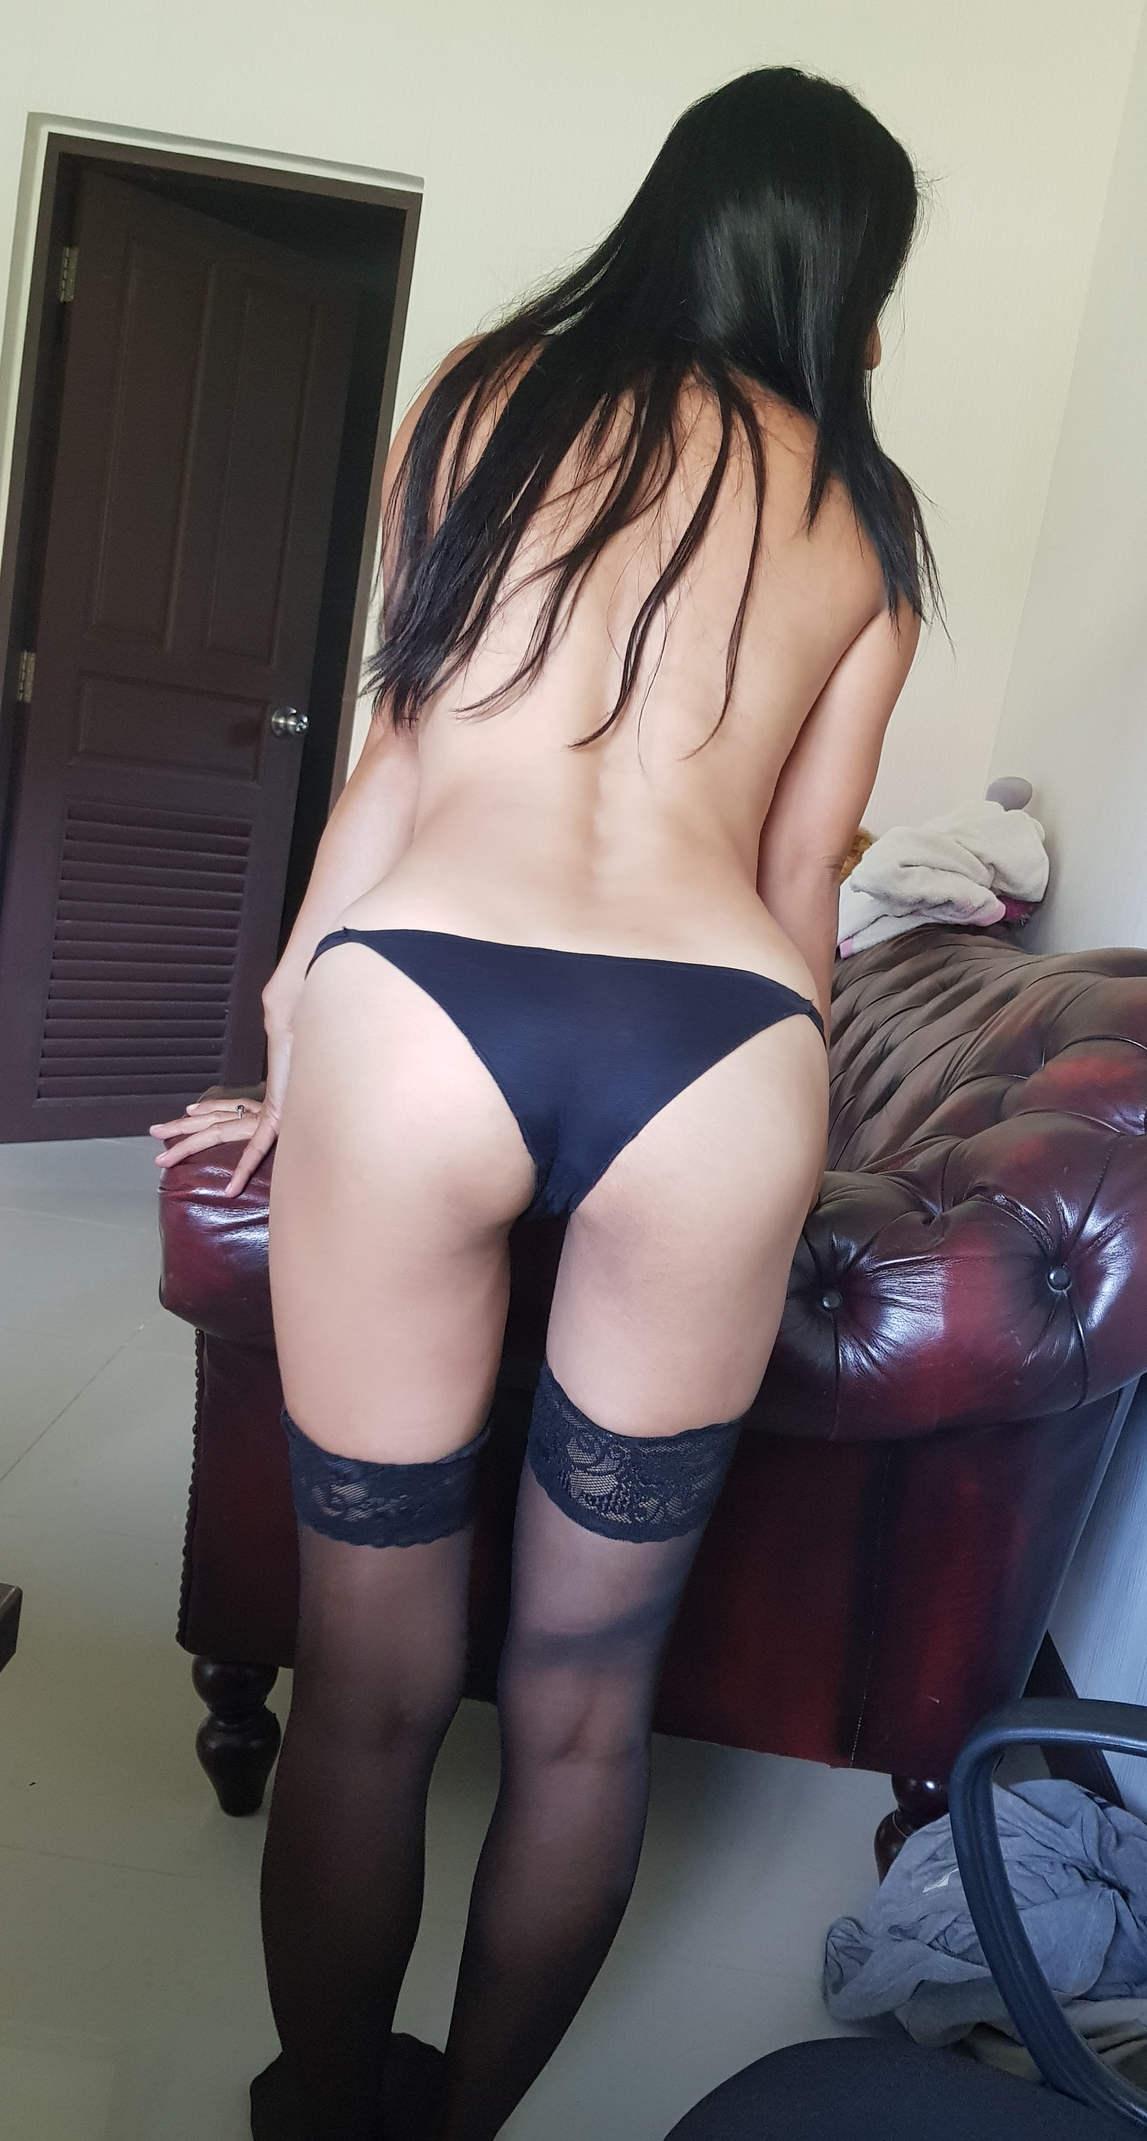 My Thailand Ex Girlfriend Teens In Asia